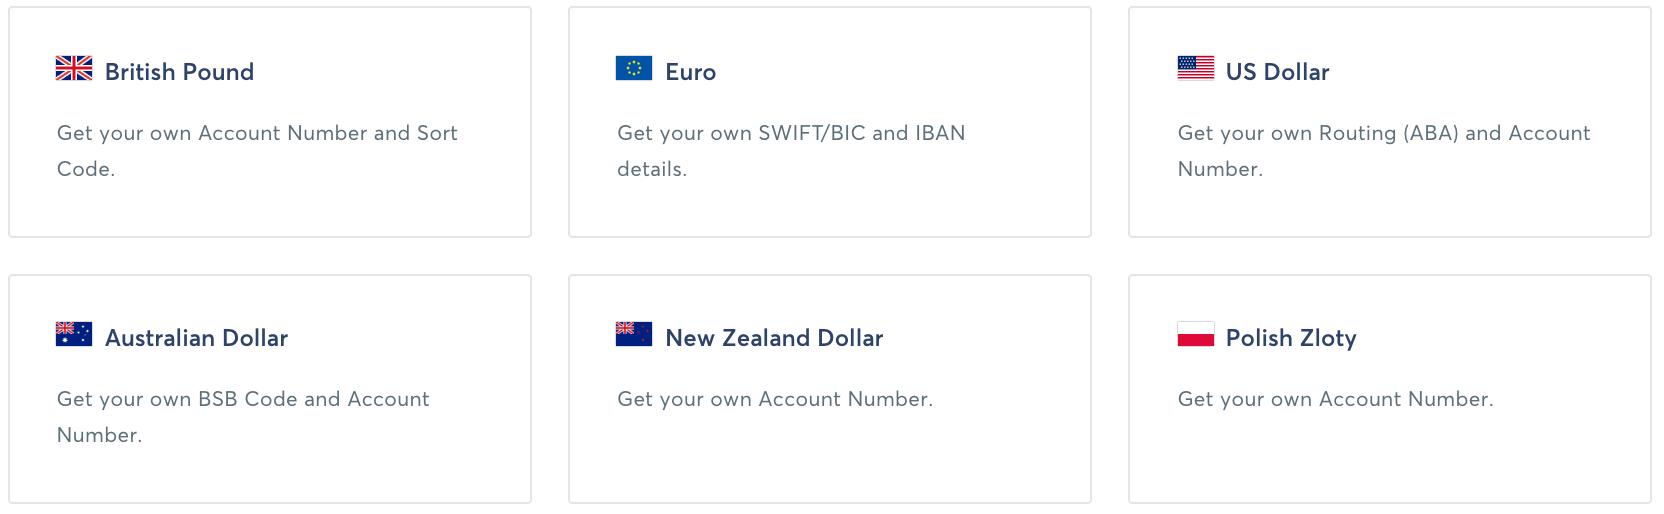 6 cuentas bancarias locales